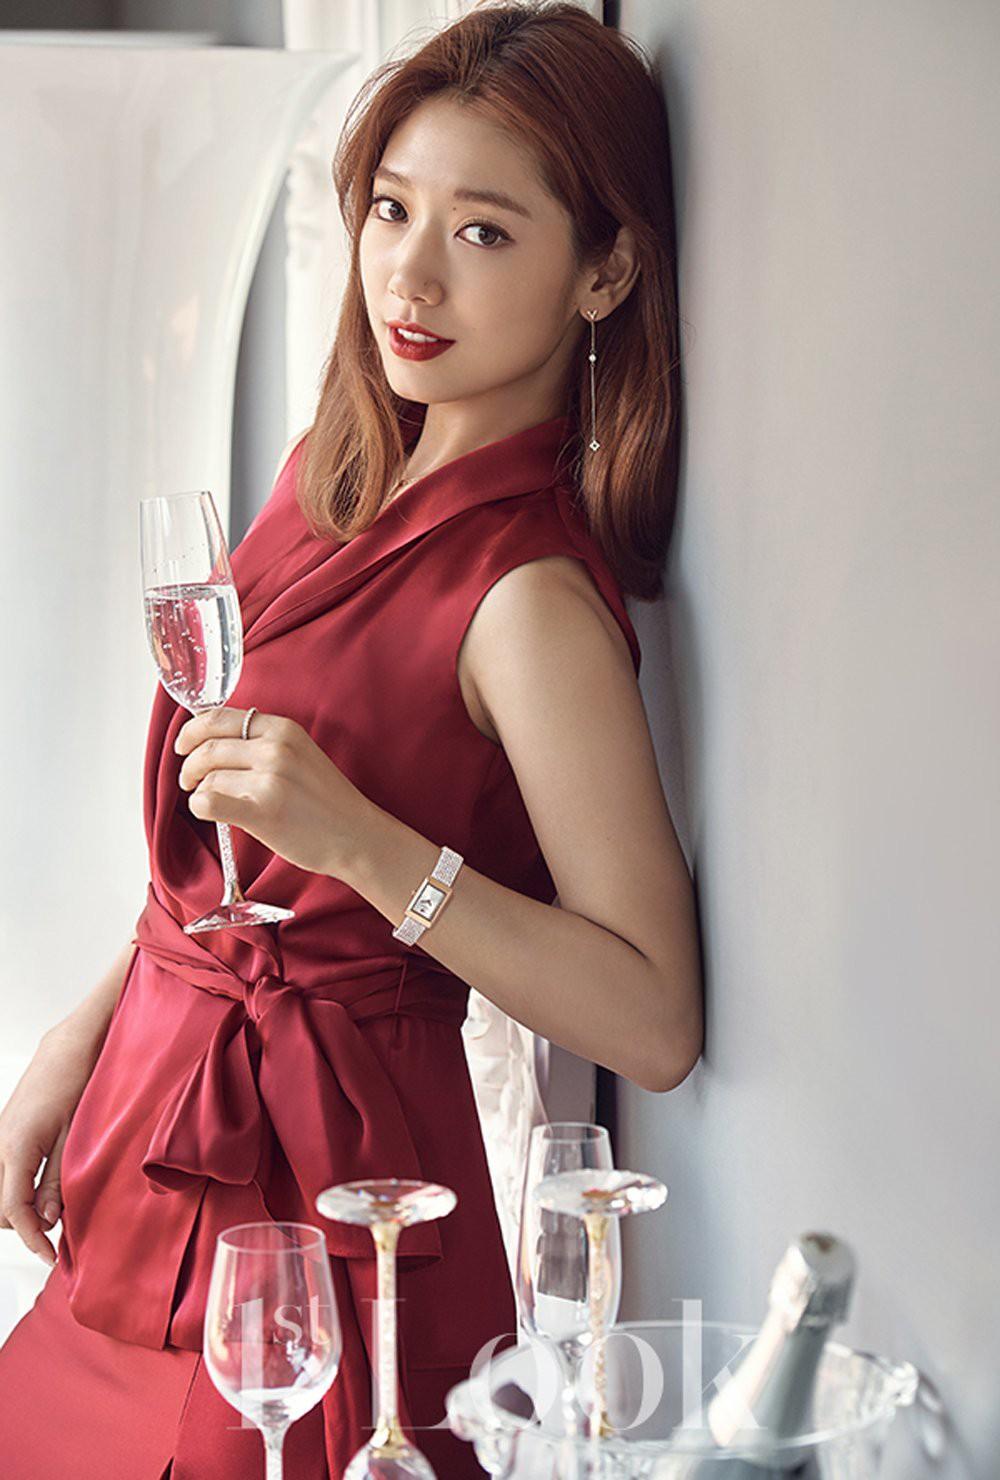 Top 30 diễn viên hot nhất: Park Bo Gum bị chê vẫn vượt mặt chị Song và Hyun Bin, vị trí Park Shin Hye mới bất ngờ - Ảnh 4.